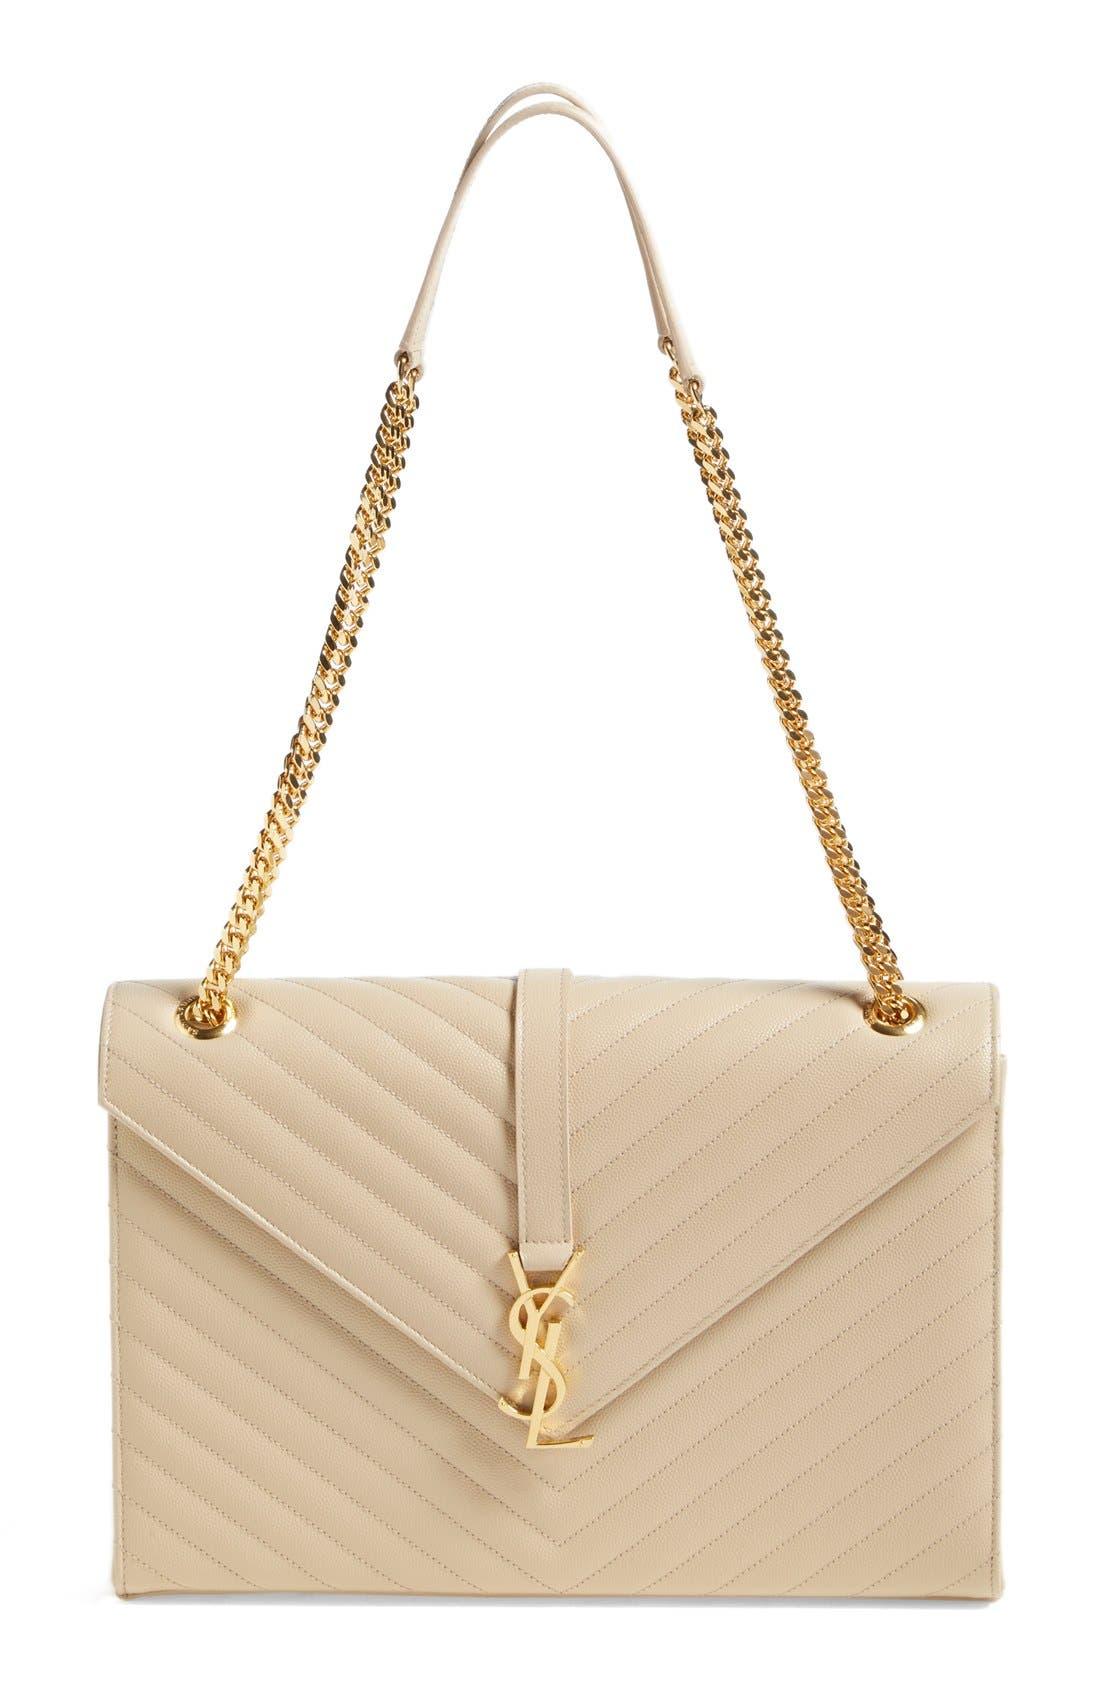 SAINT LAURENT 'Large Monogram' Grained Leather Shoulder Bag, Main, color, POUDRE